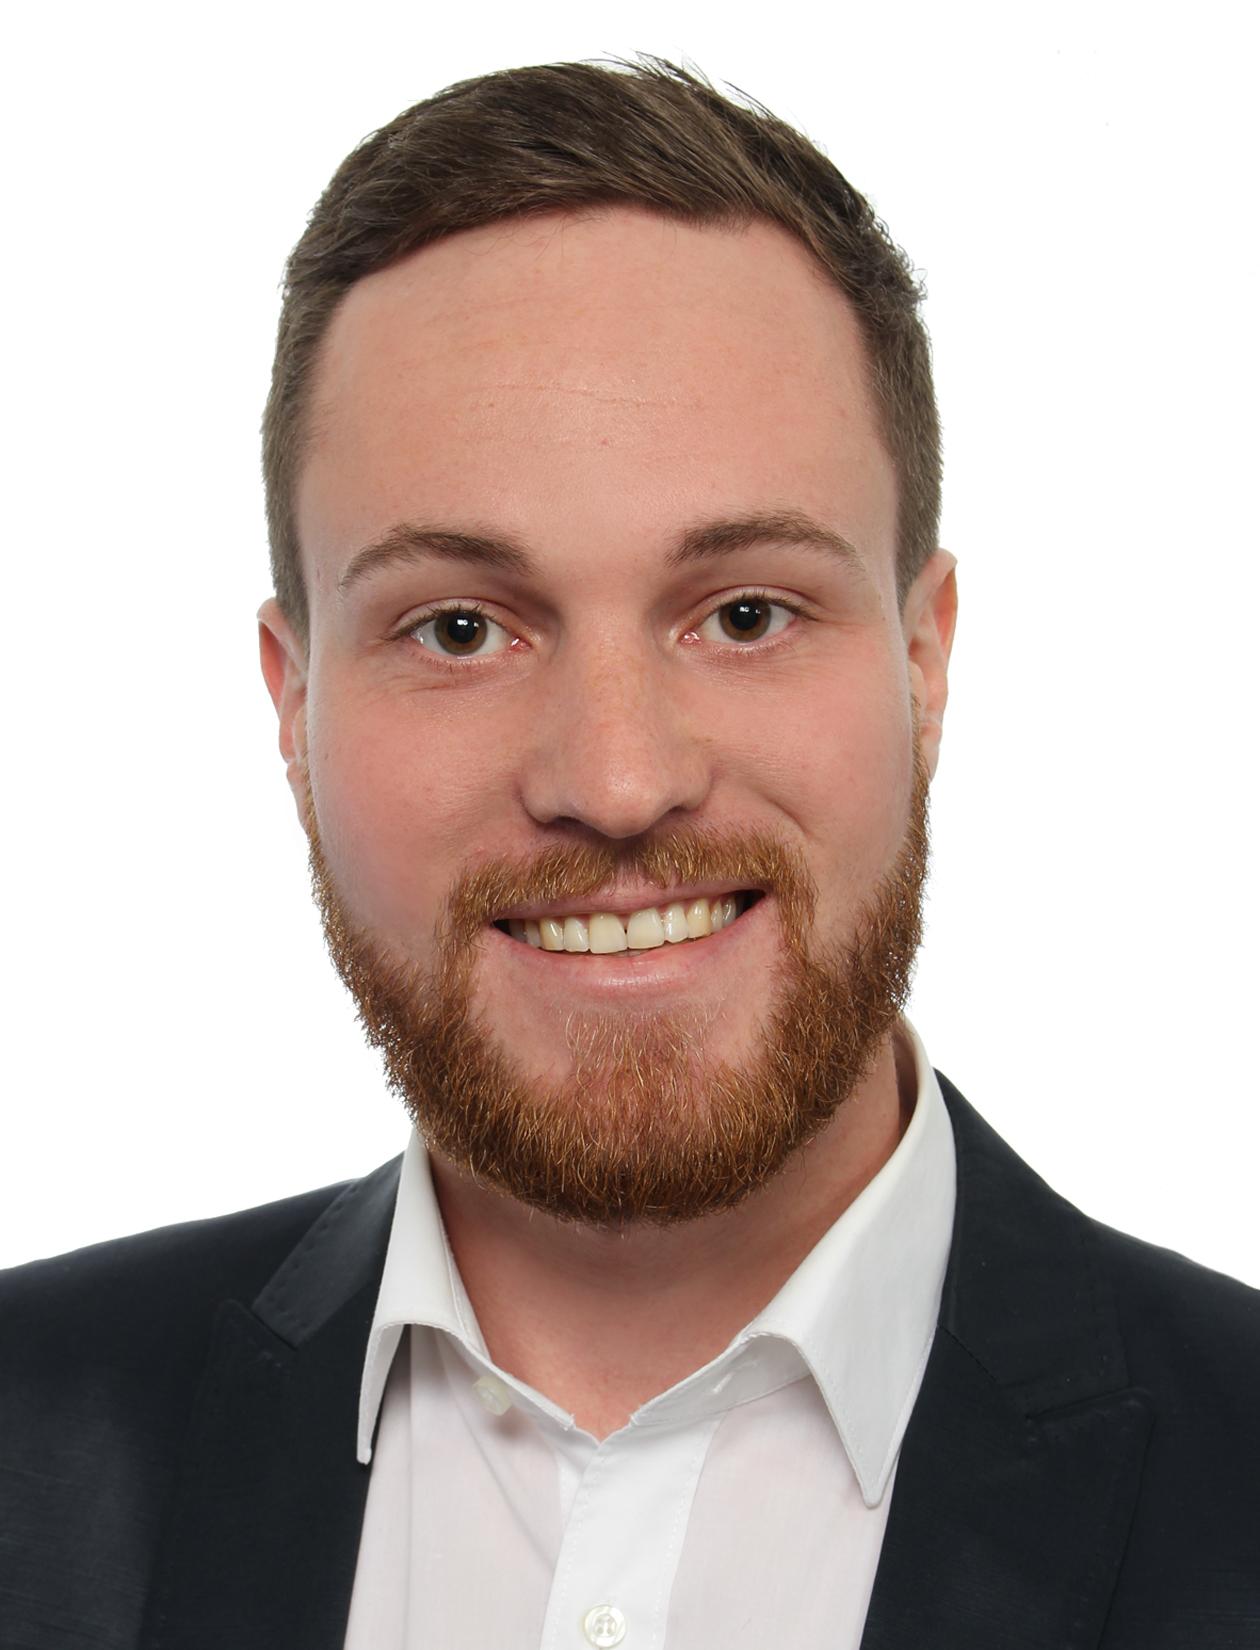 Alexander Bartik Profilbild